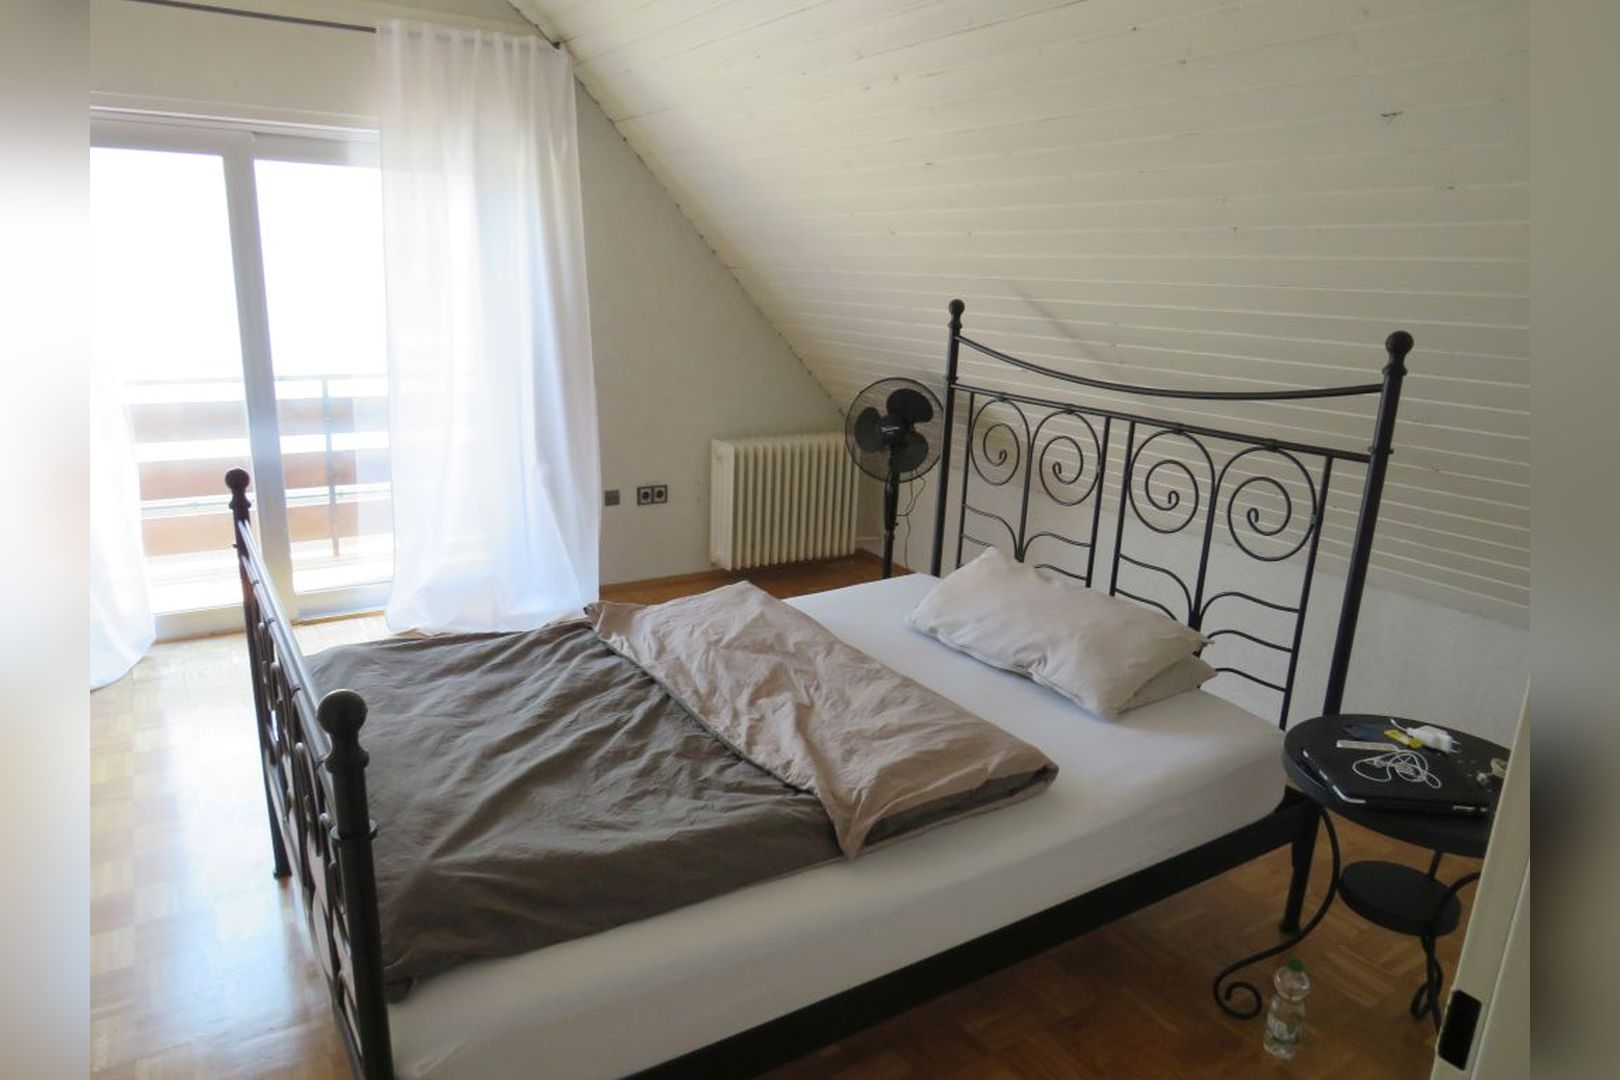 Immobilie Nr.0260 - Einfamilienhaus, zum 2-FH erweiterbar. Spitzboden als zusätzl. Ausbaureserve - Bild 9.jpg